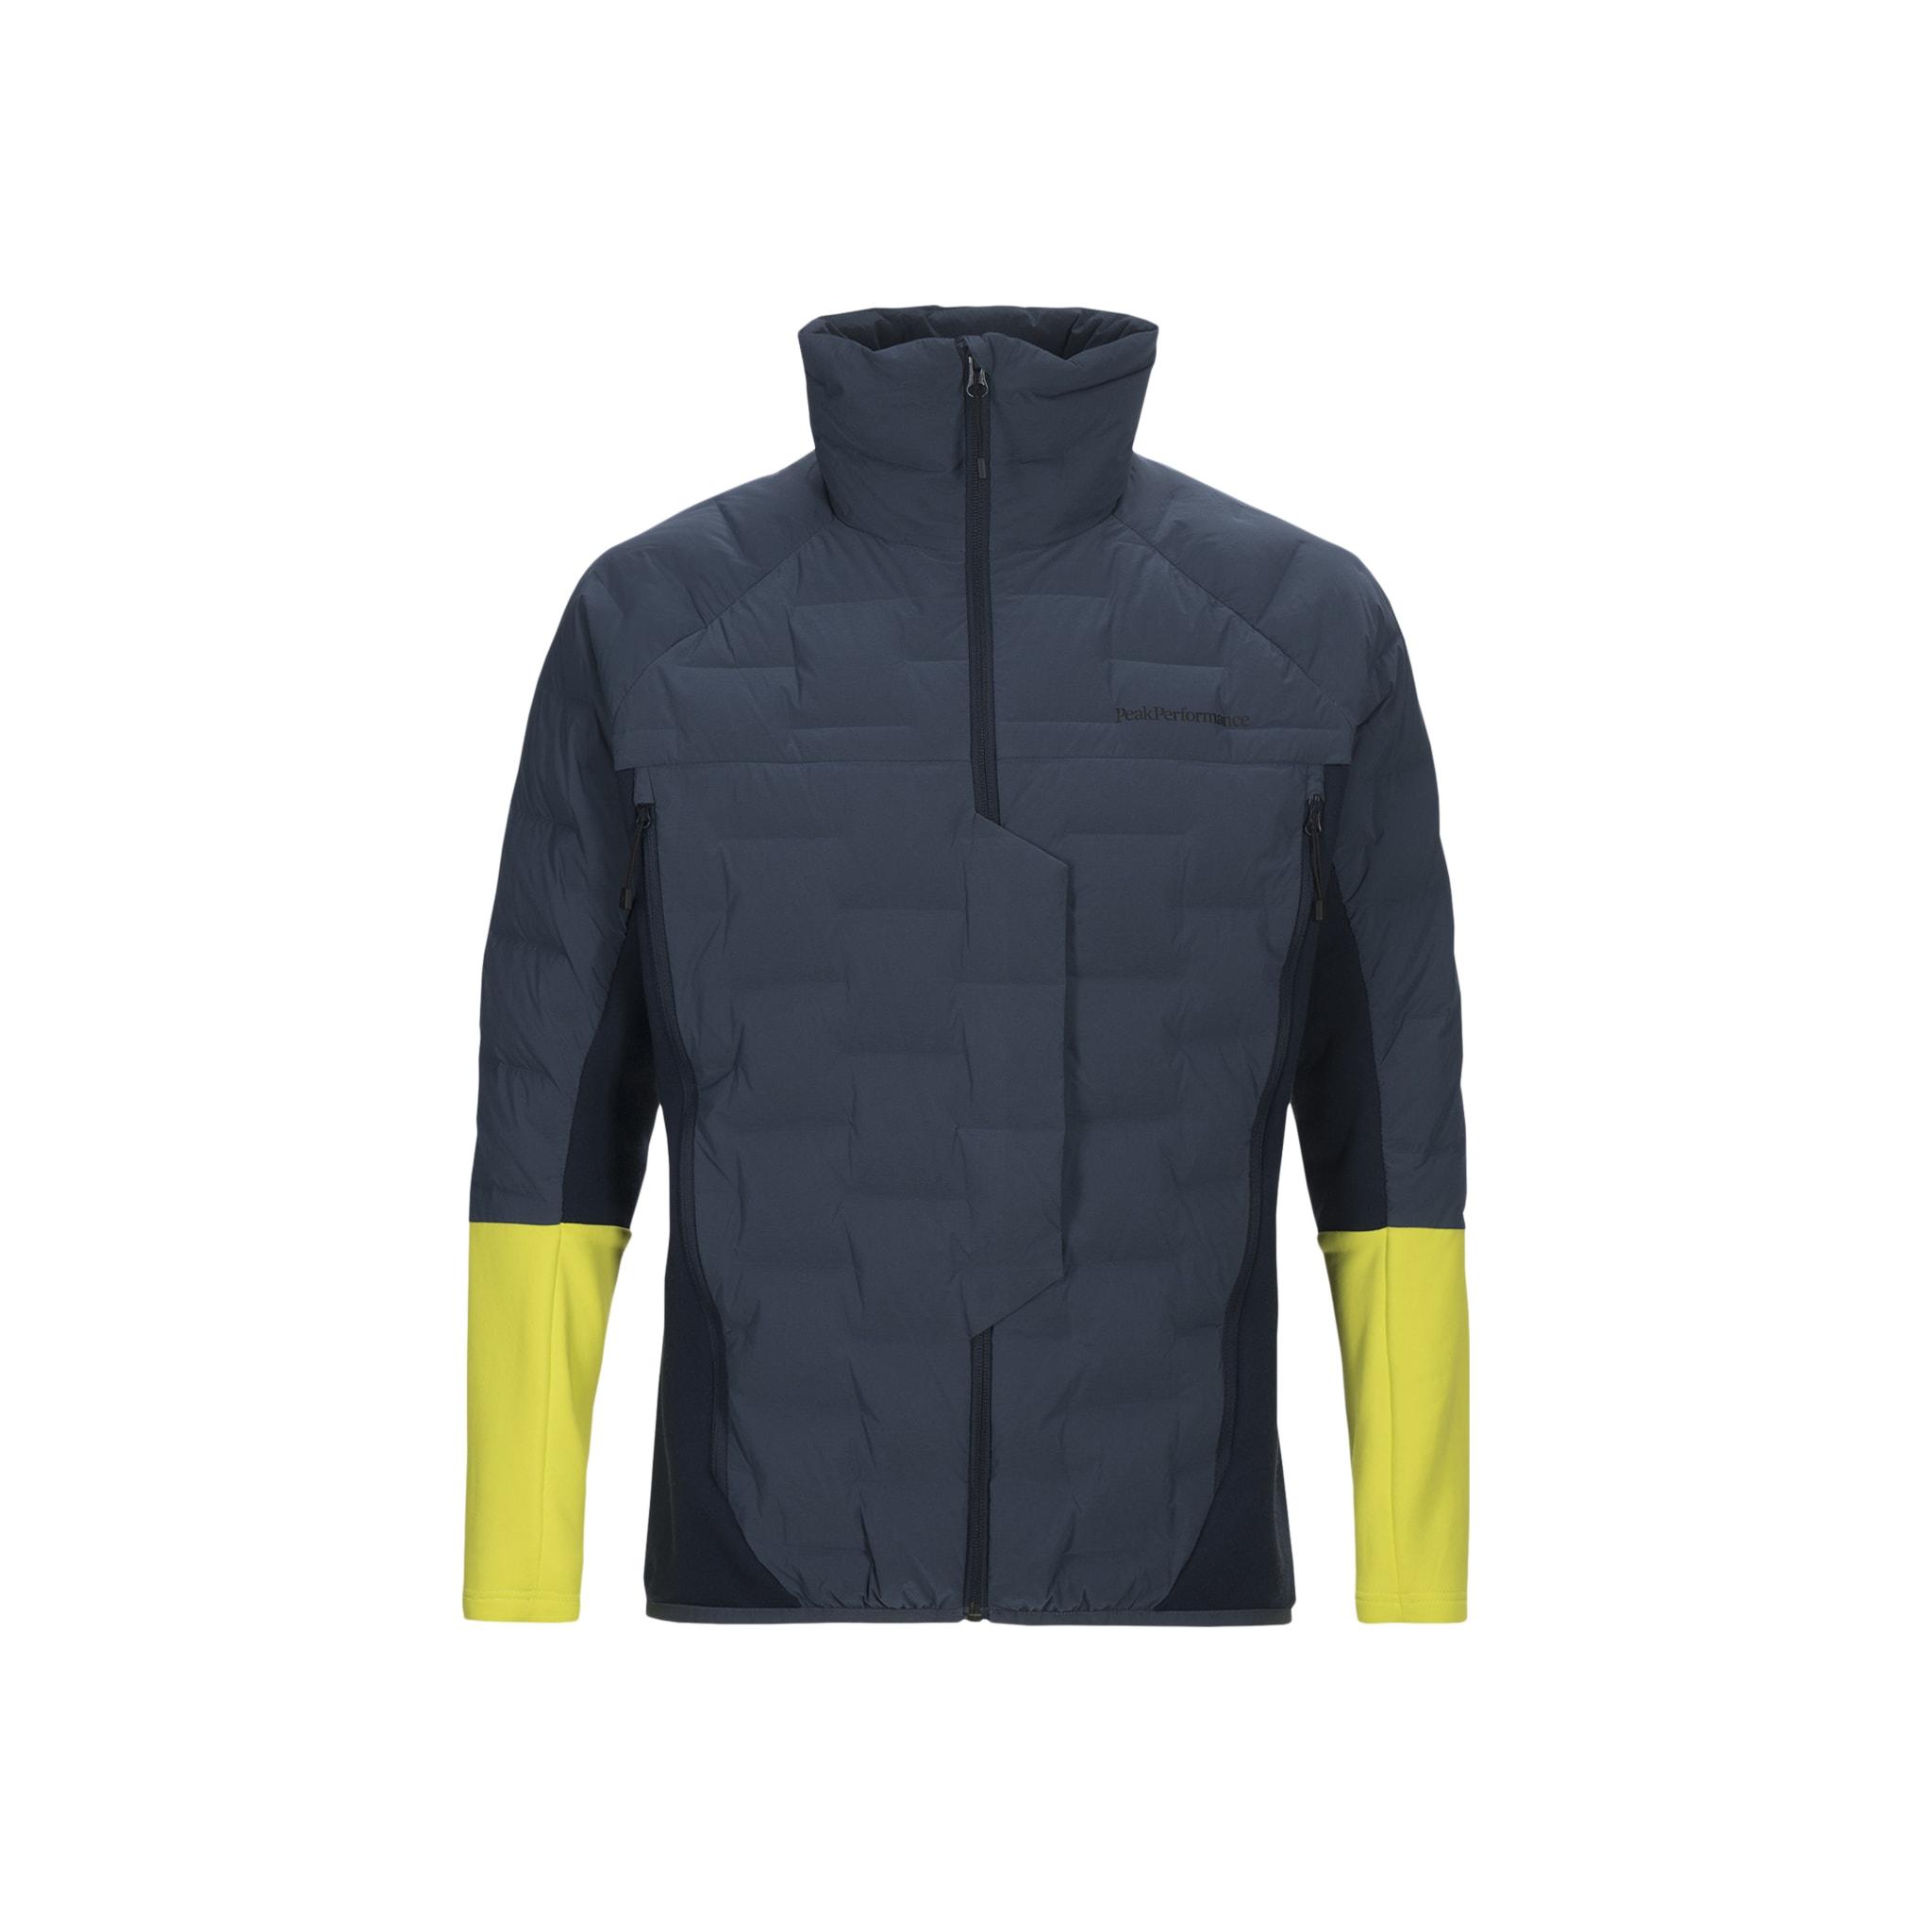 Vistlight Liner Jacket